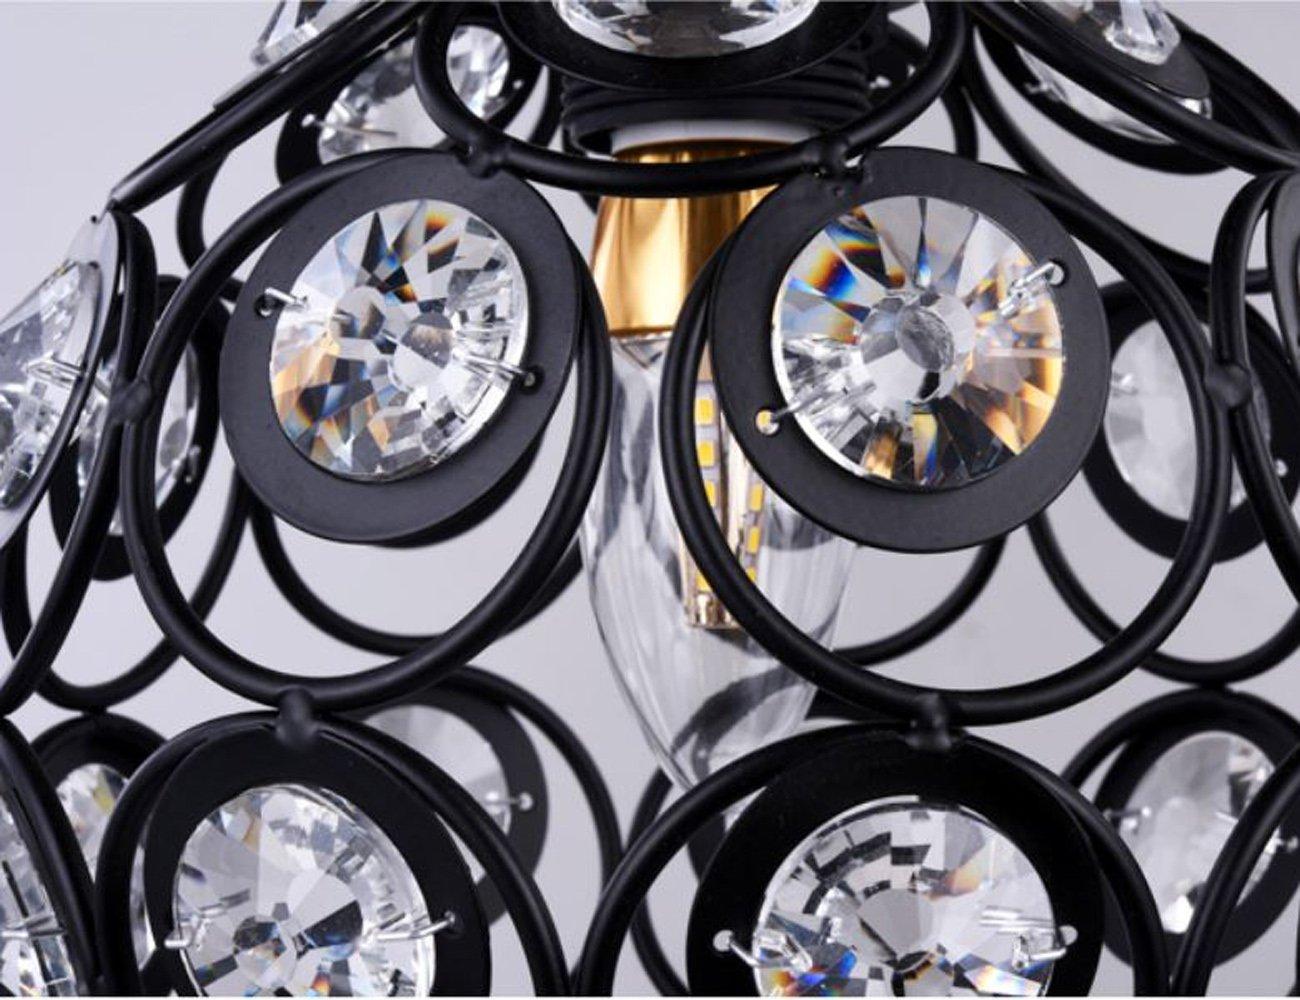 Lampadari E Plafoniere Abbinate : Dellemade lampadario con cristalli a plafoniera per scale bar